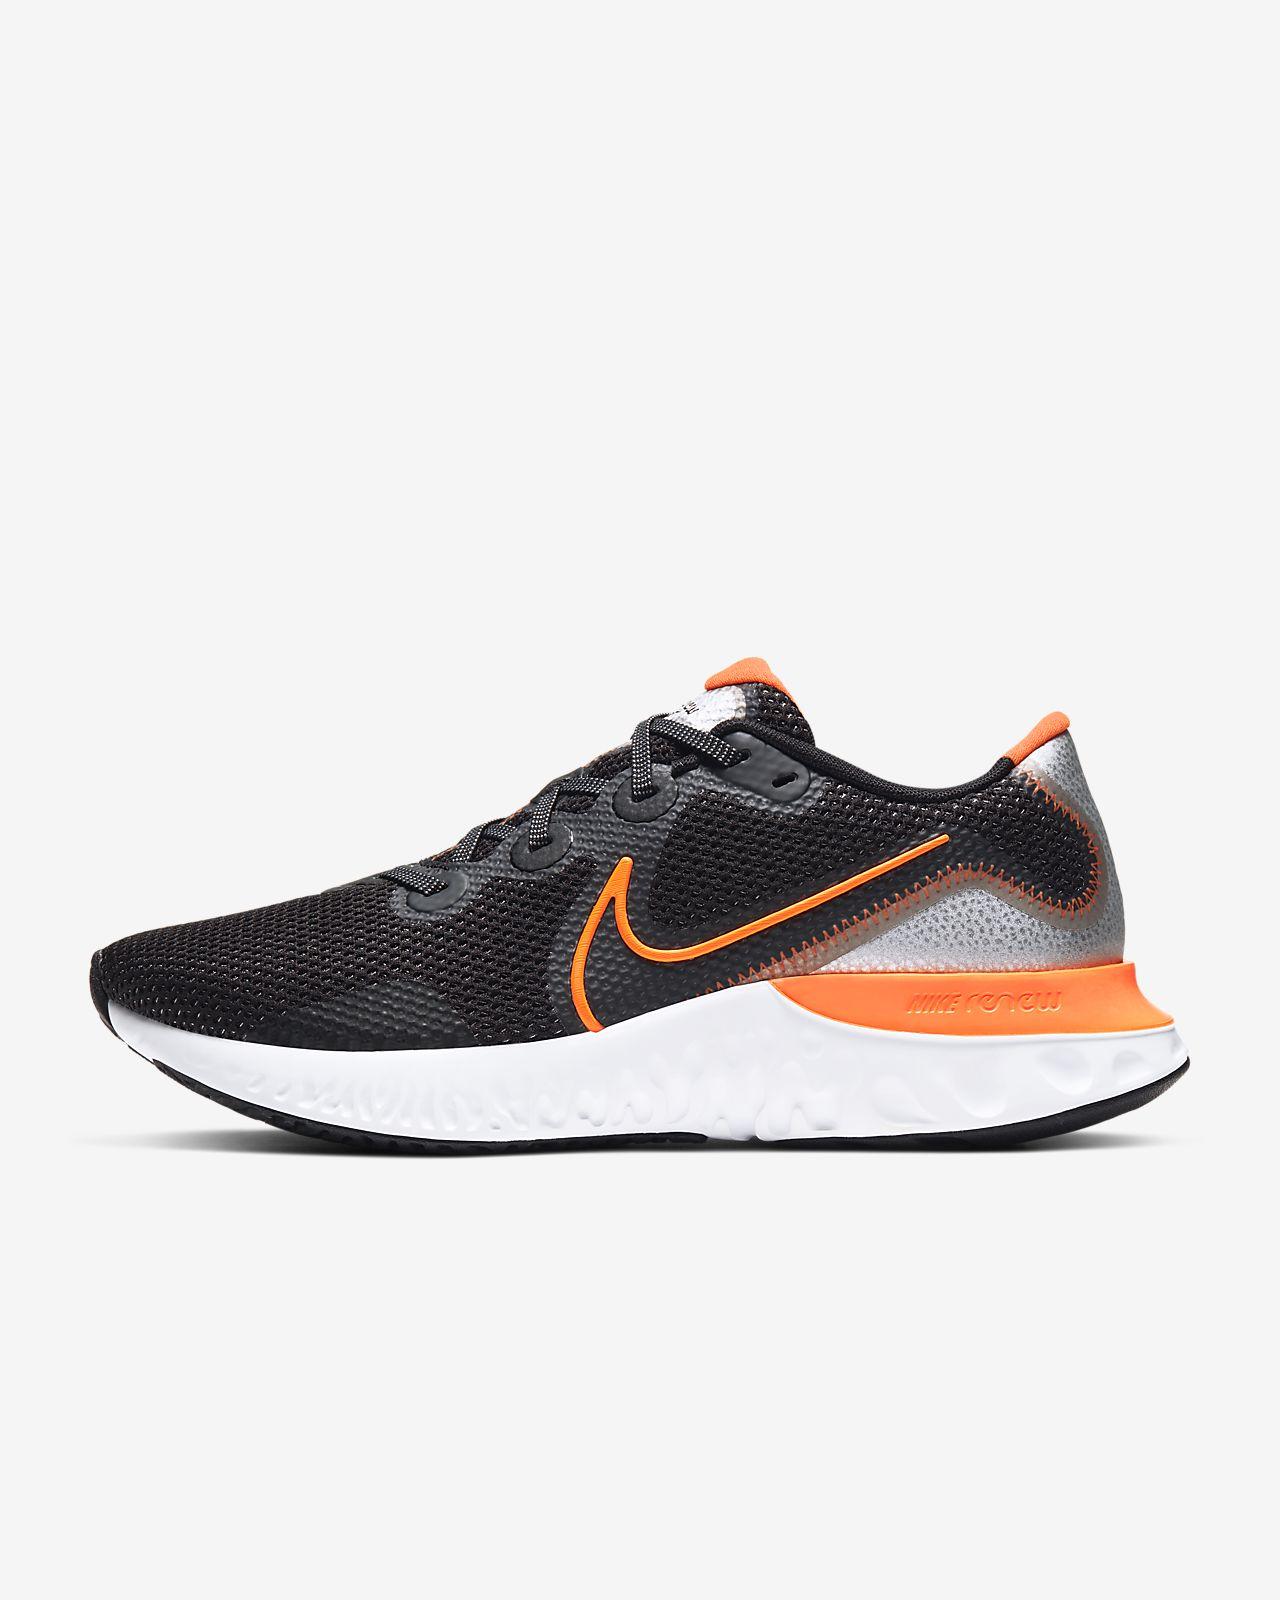 2nike hombre zapatillas 2019 running